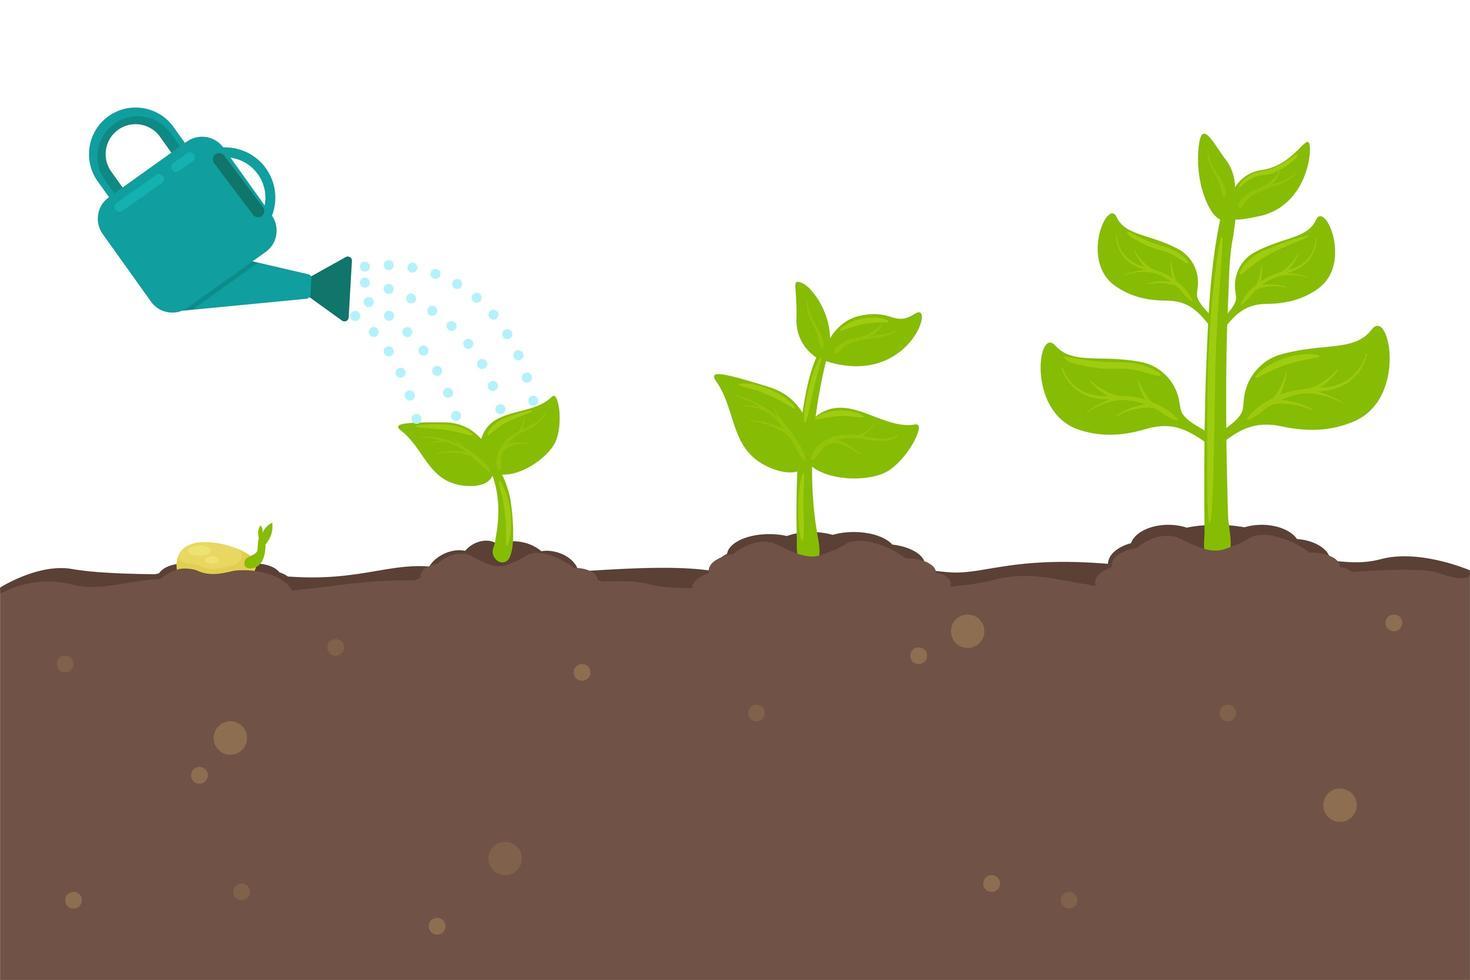 piante che spuntano dai semi vettore